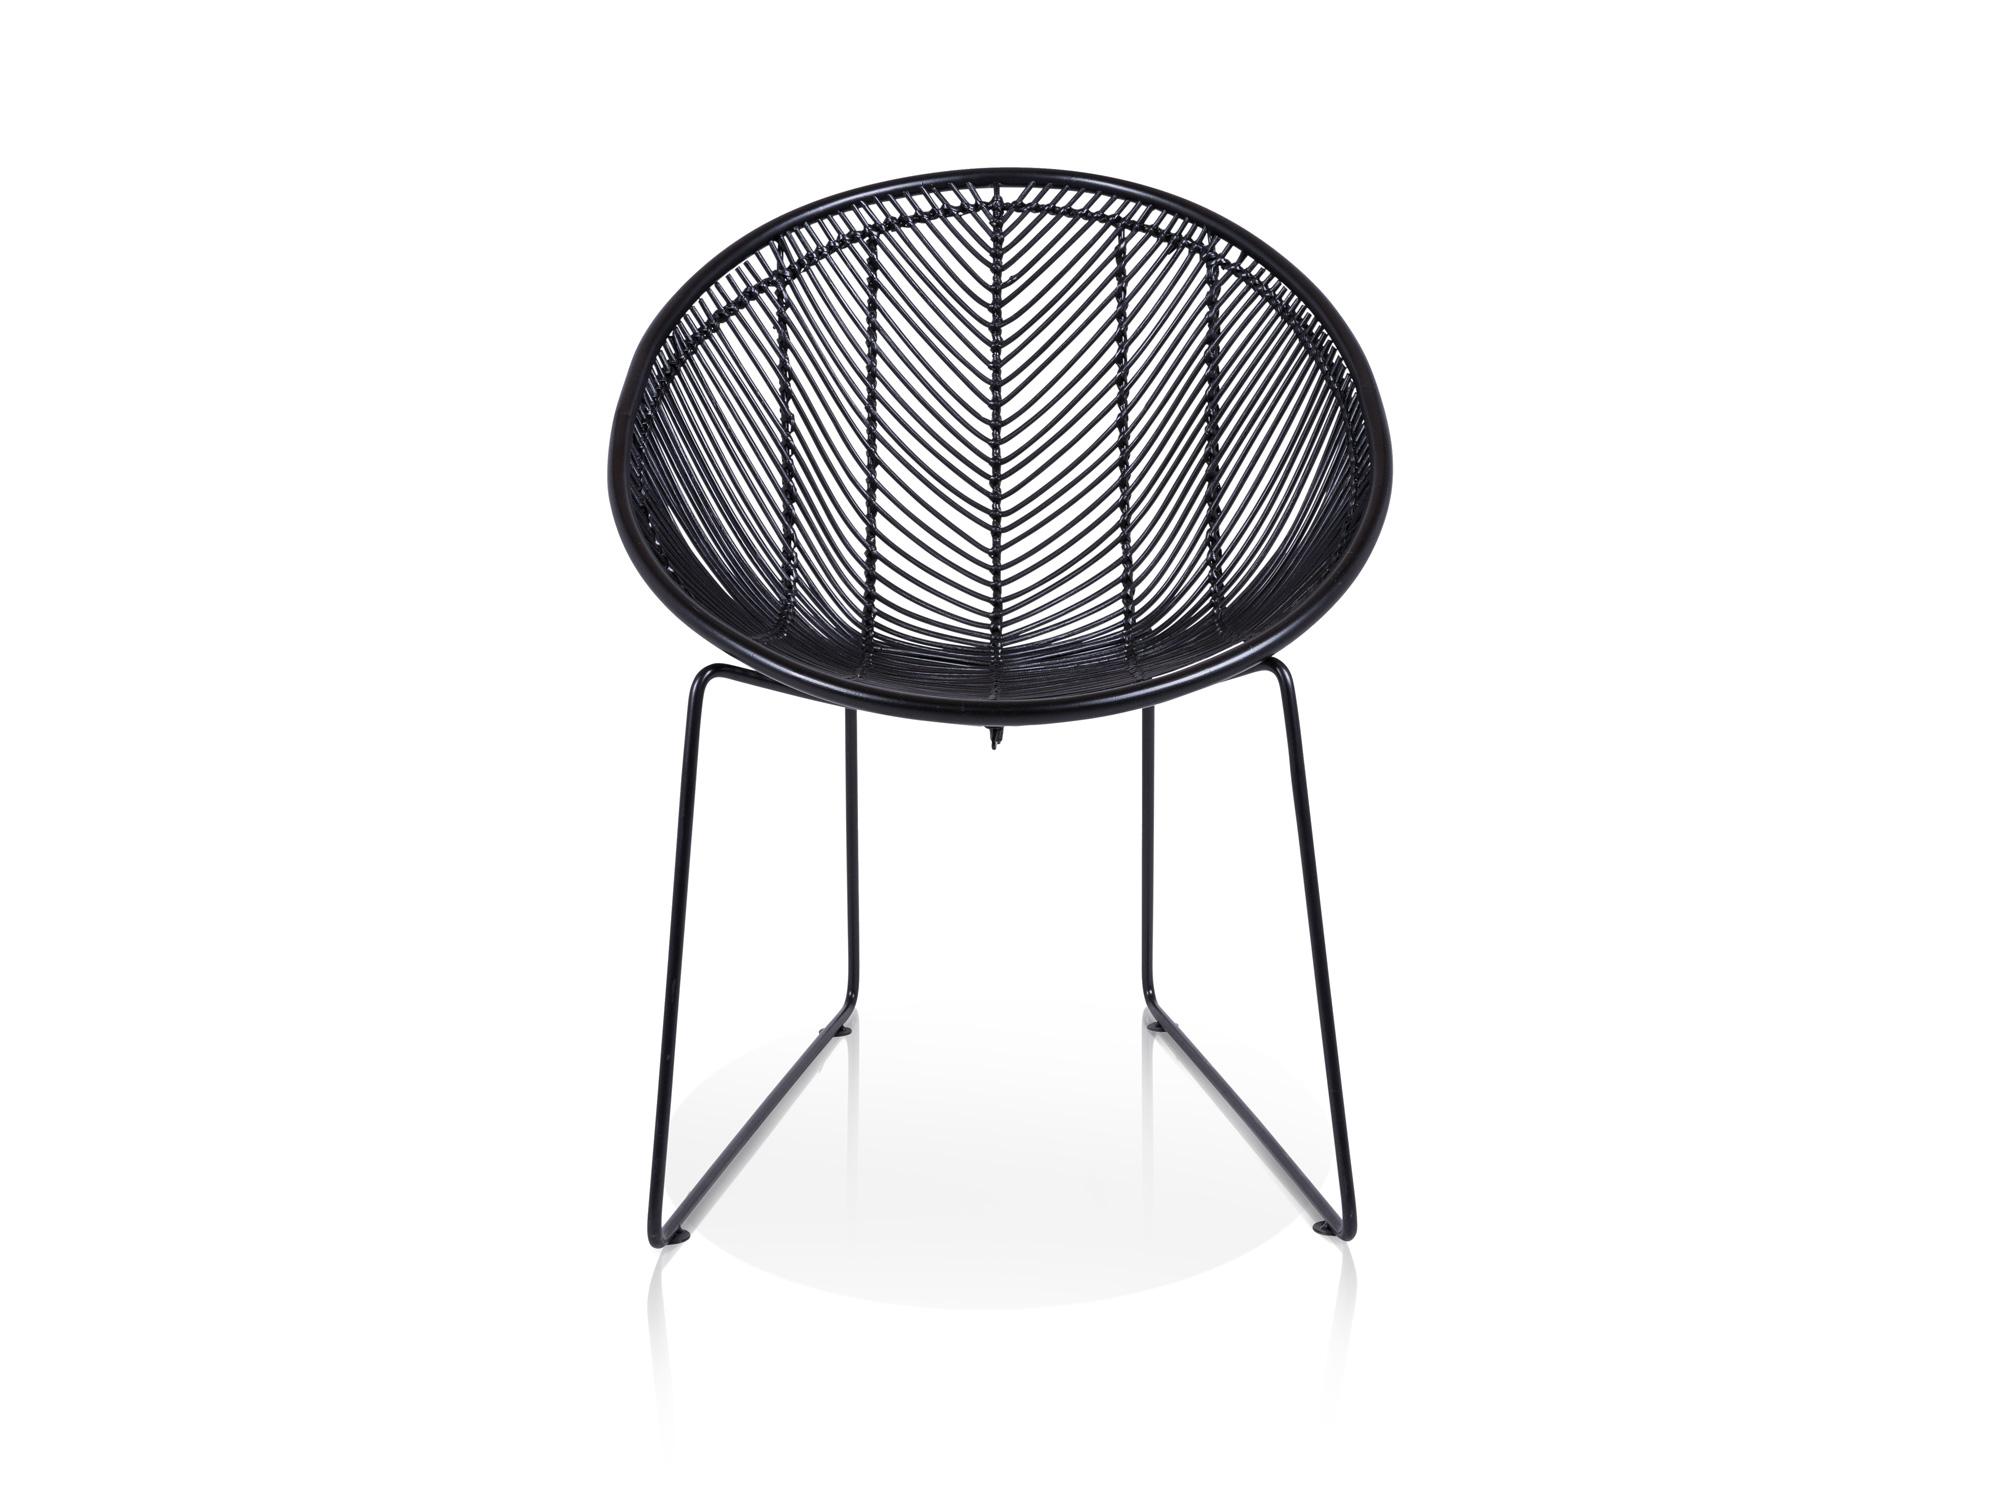 octavo lounge sessel schwarz. Black Bedroom Furniture Sets. Home Design Ideas